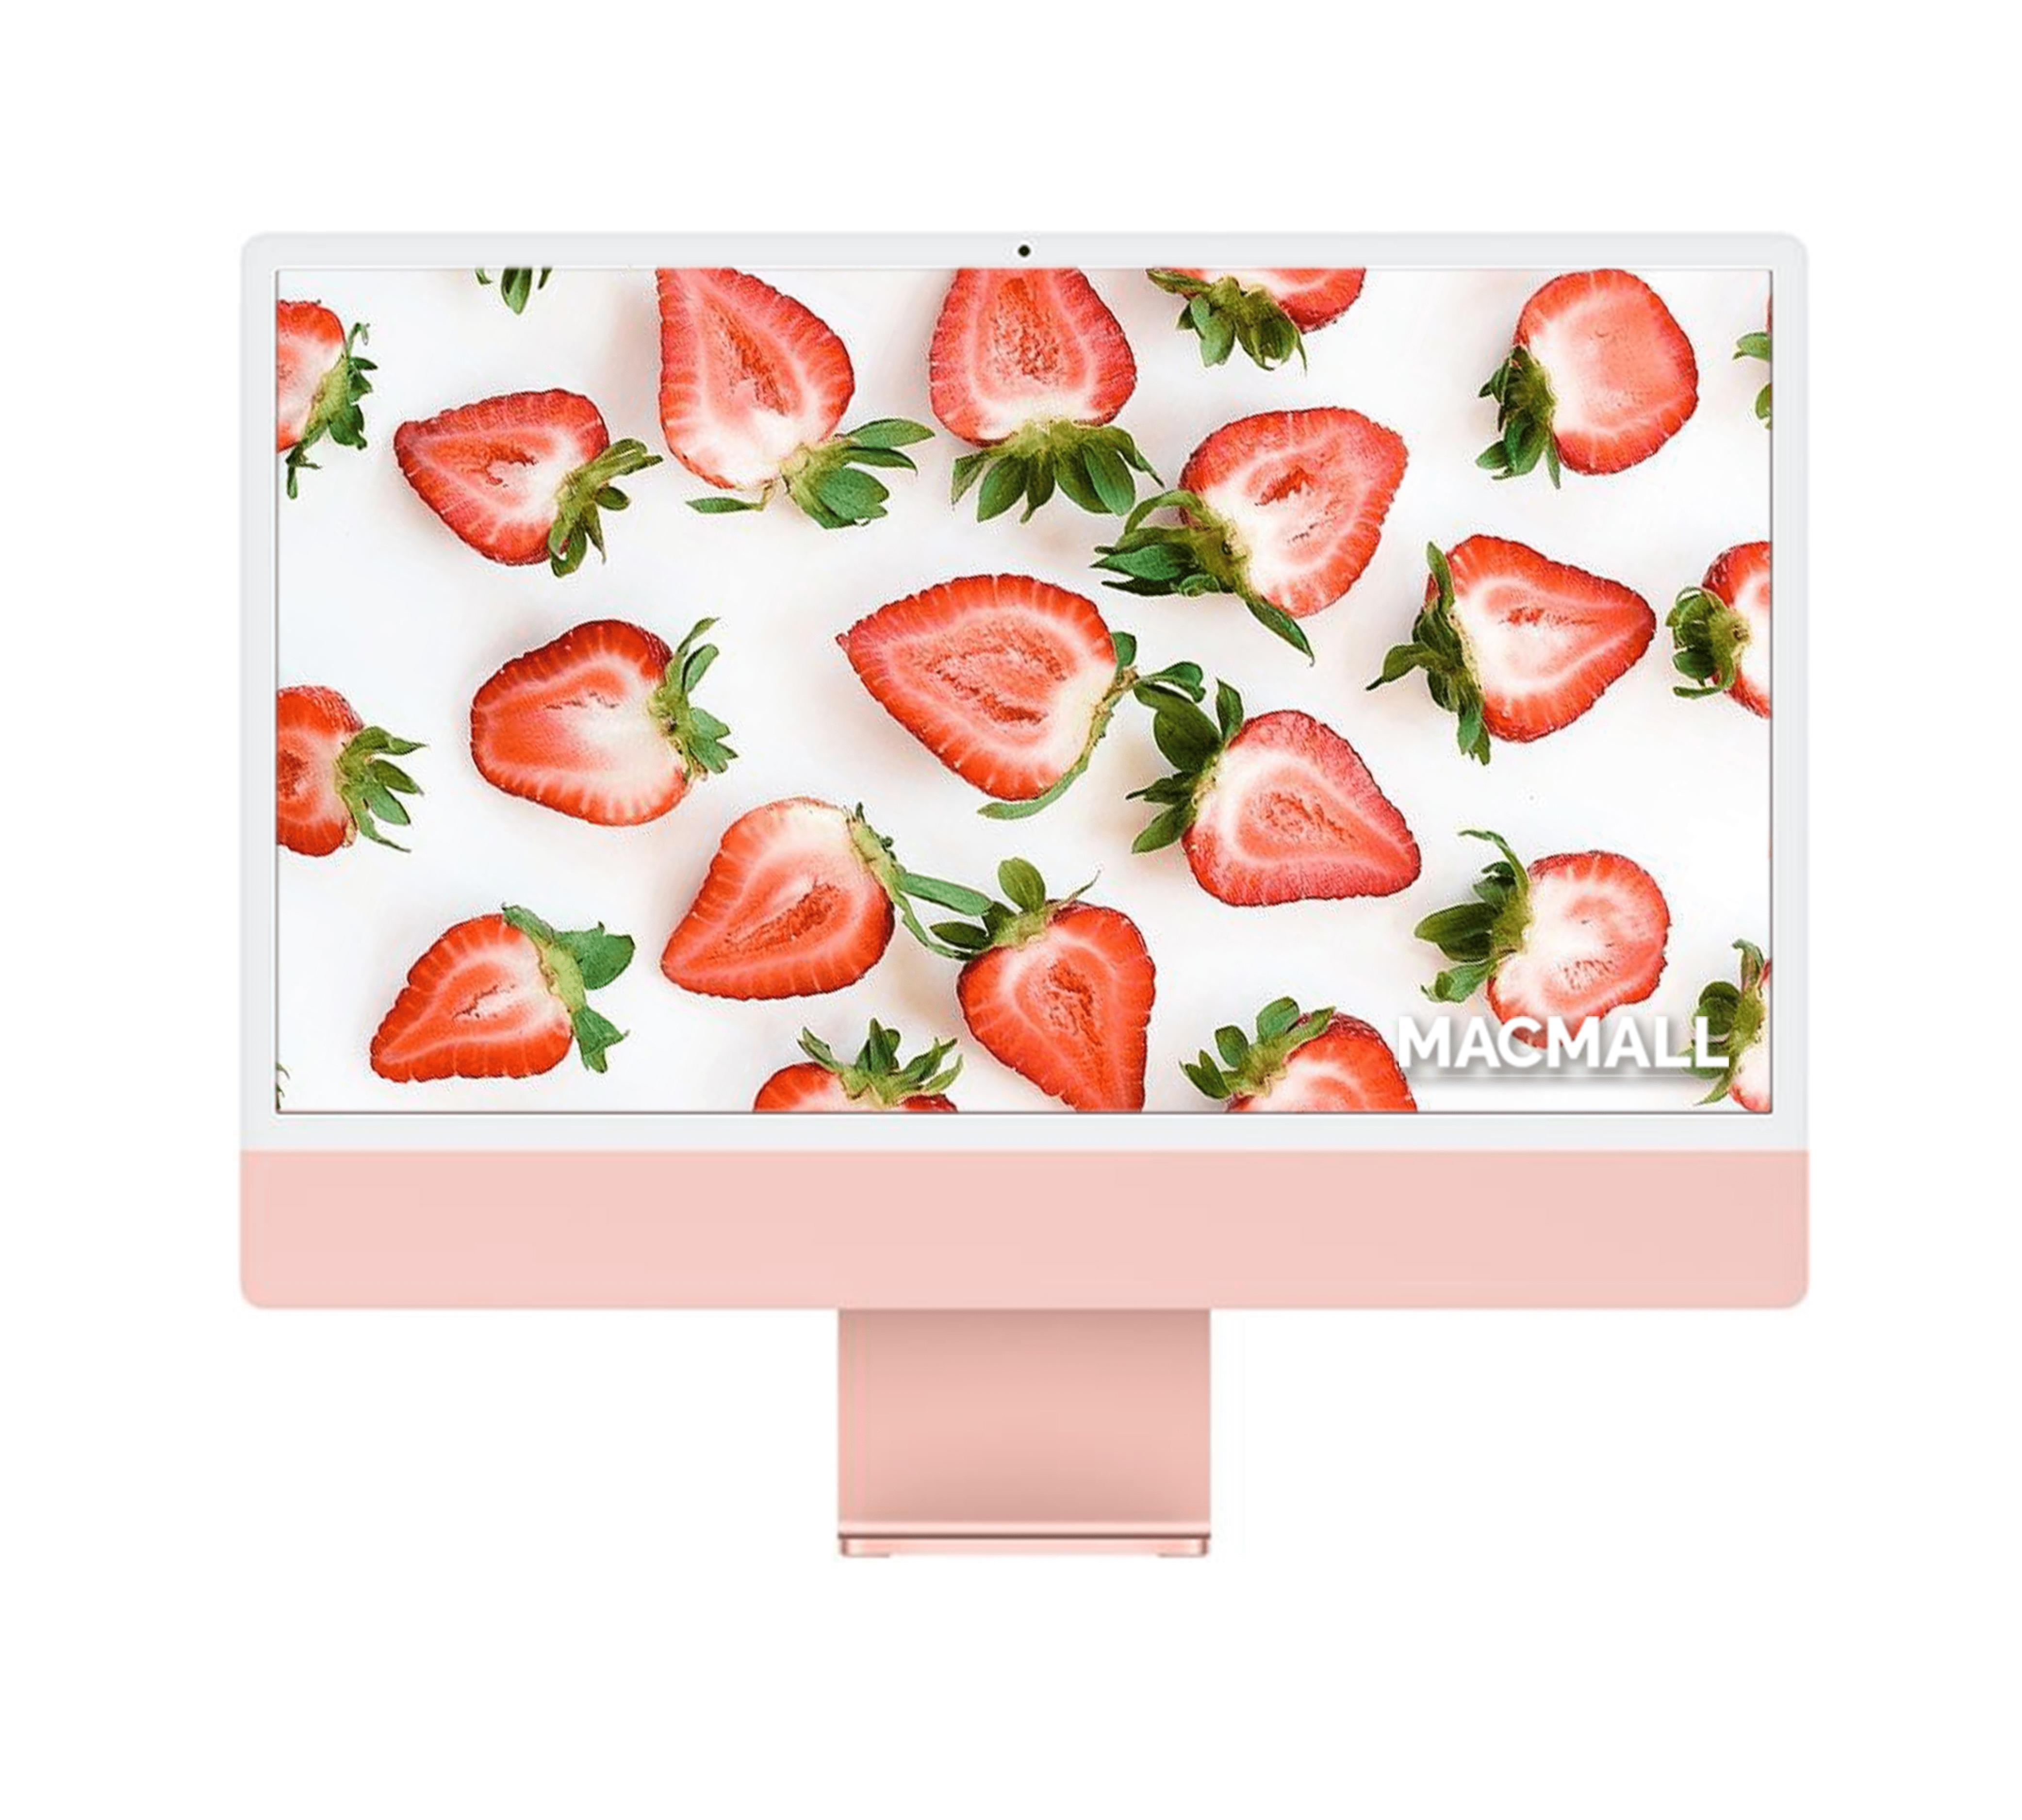 iMac 24-inch Pink 2021 M1 / 8GB / 256GB / GPU 7-core / Retina 4.5K (MJVA3)